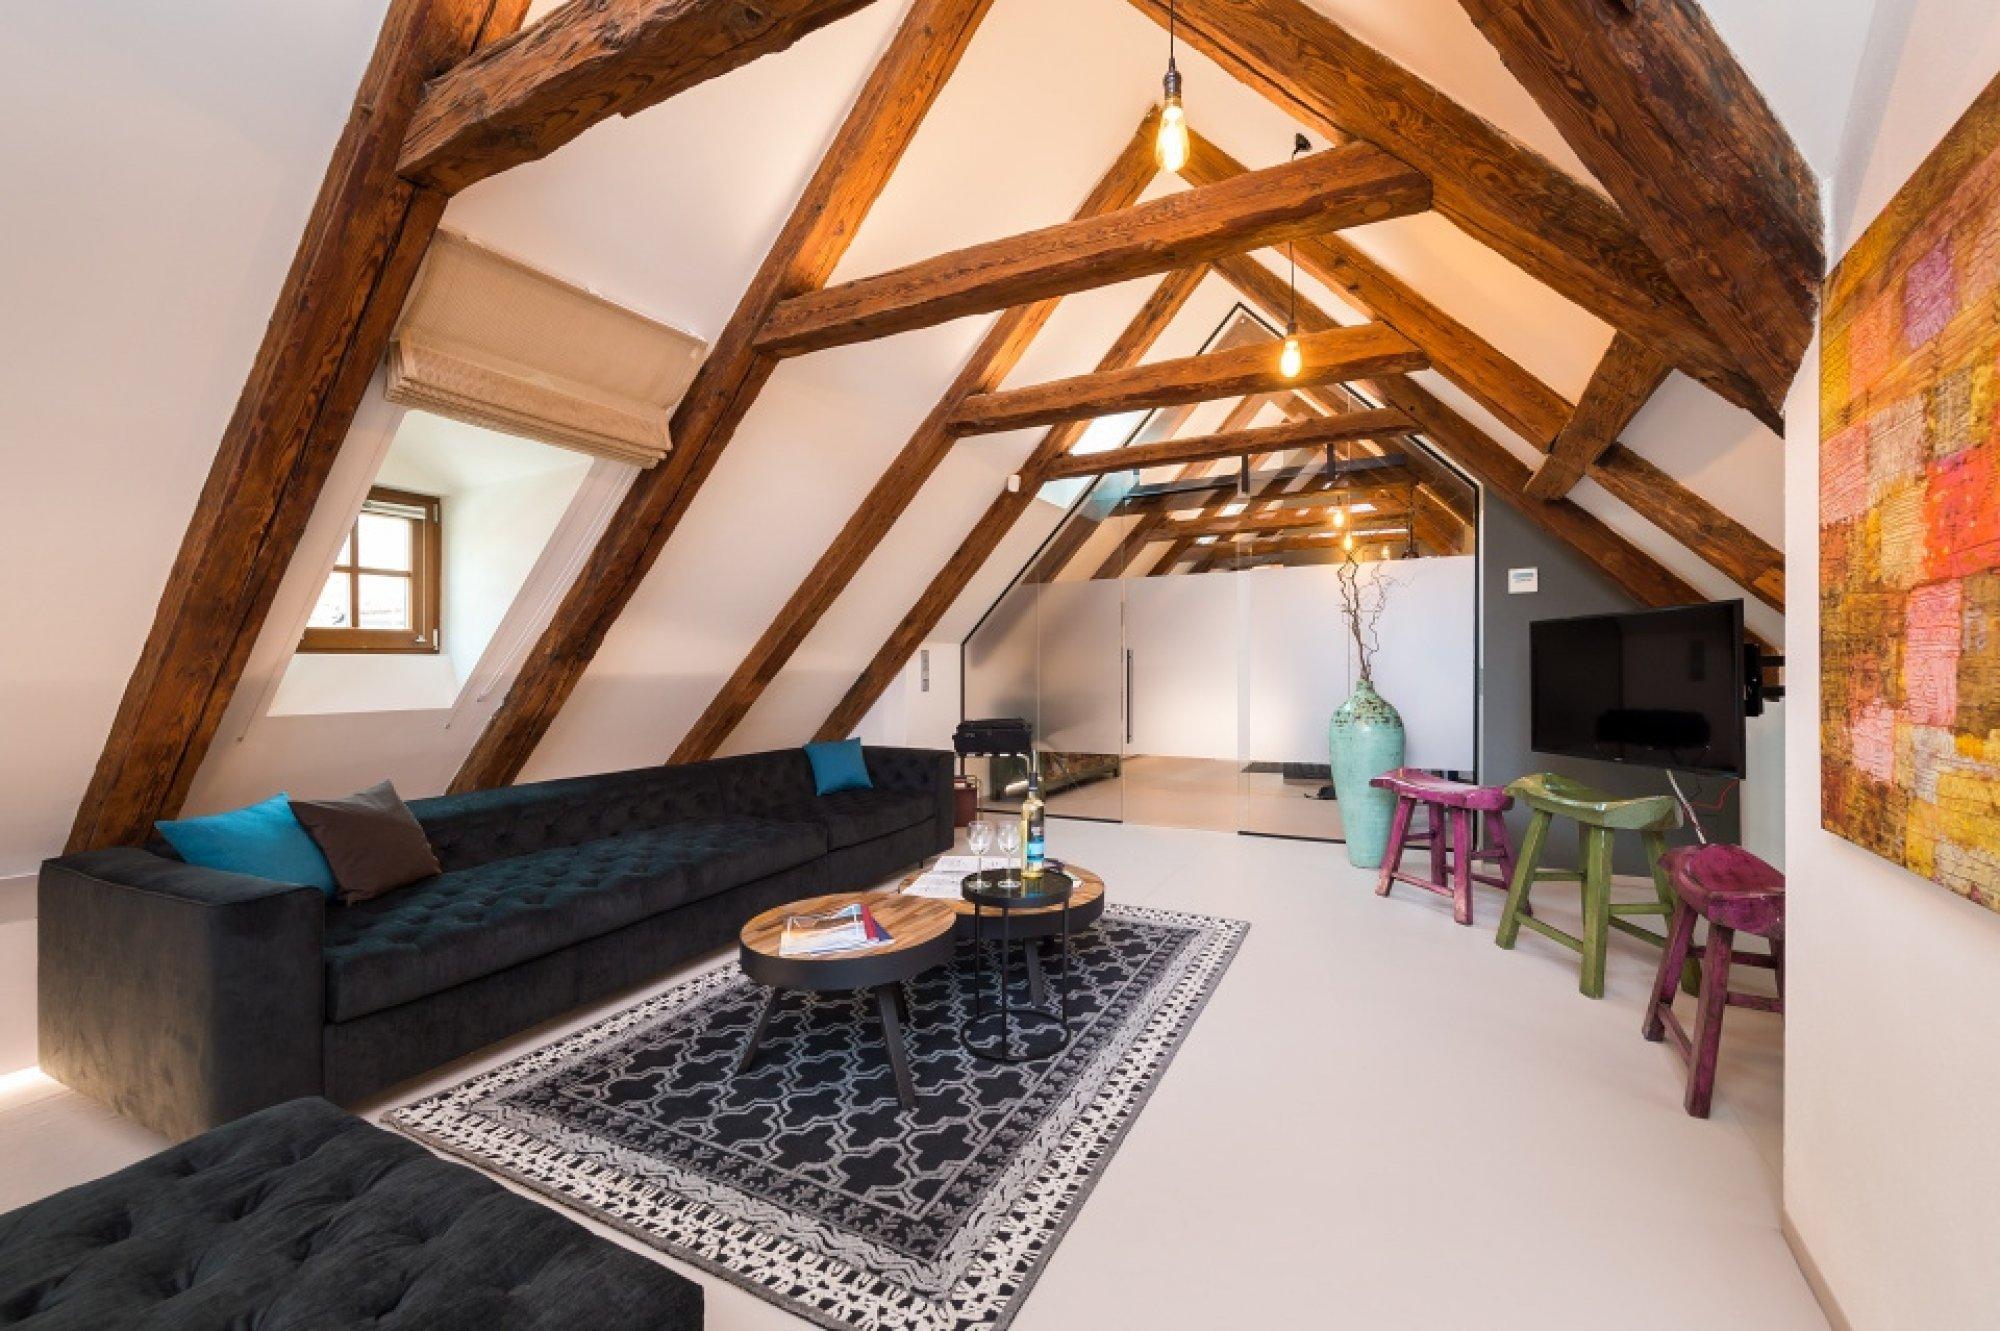 Půdní byt 4+kk, plocha 199 m², ulice V Jirchářích, Praha 1 - Nové Město | 1